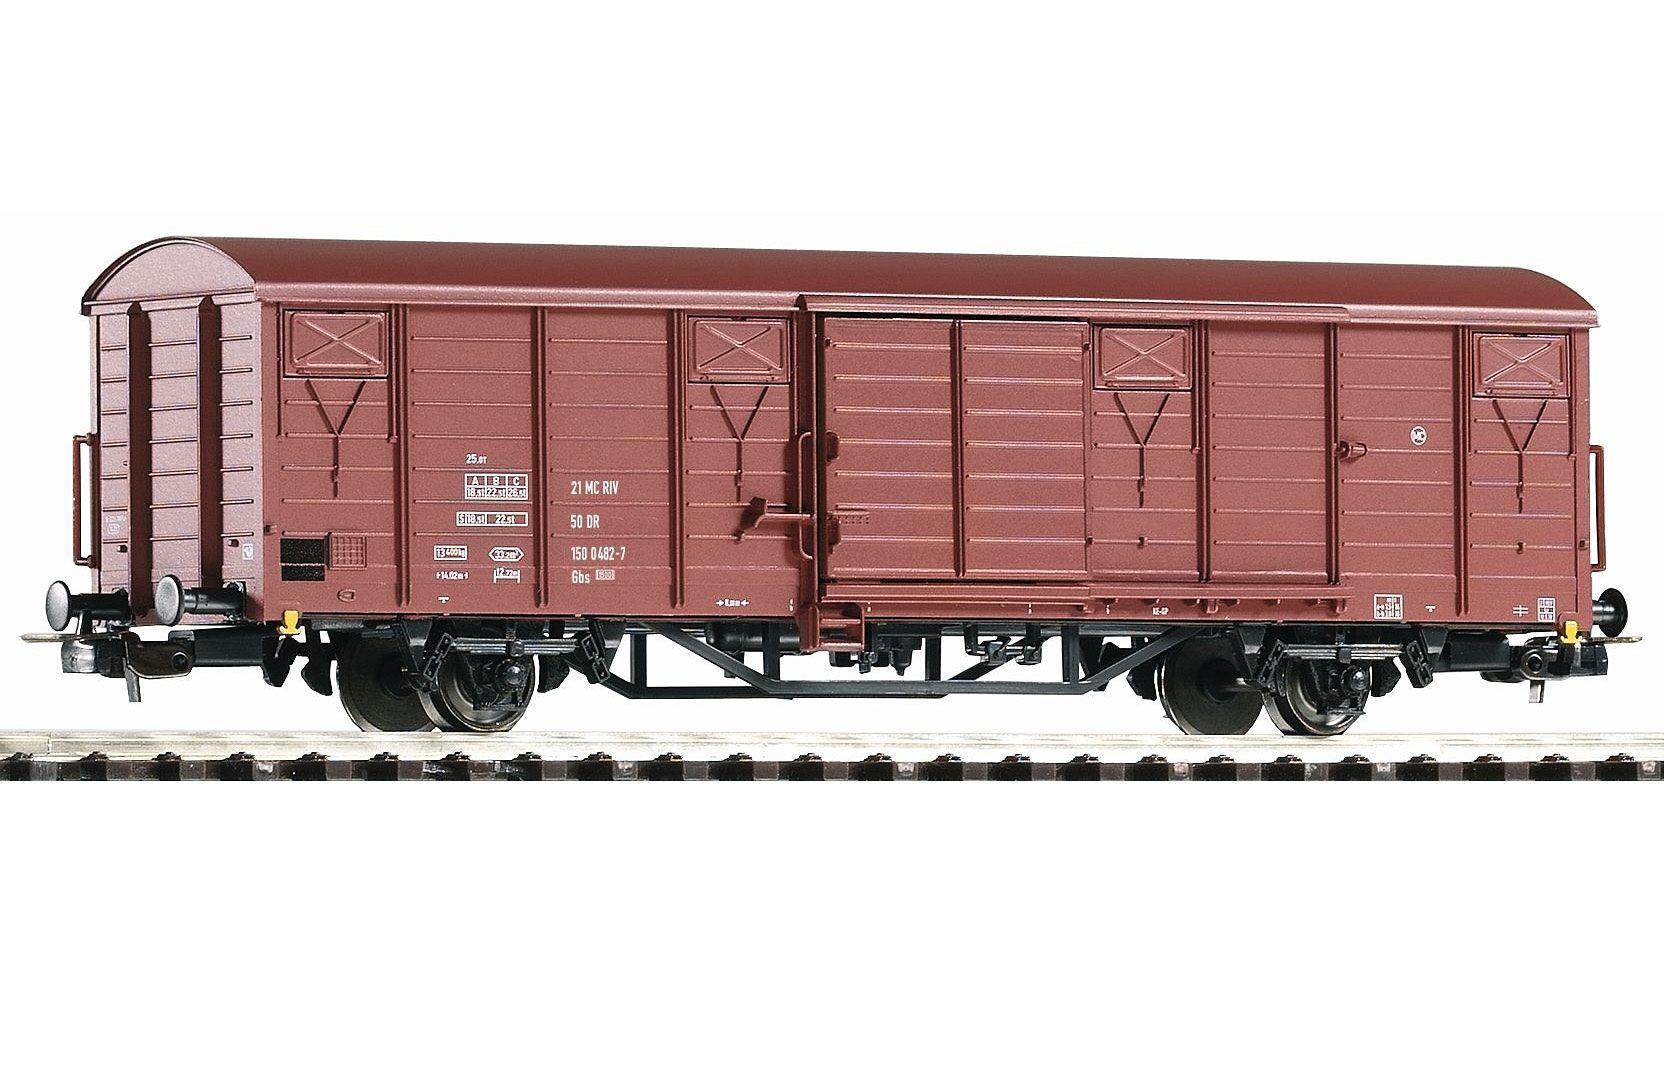 PIKO Güterwagen, »Gedeckter Güterwagen Gbs 1500, DR - Gleichstrom« Spur H0